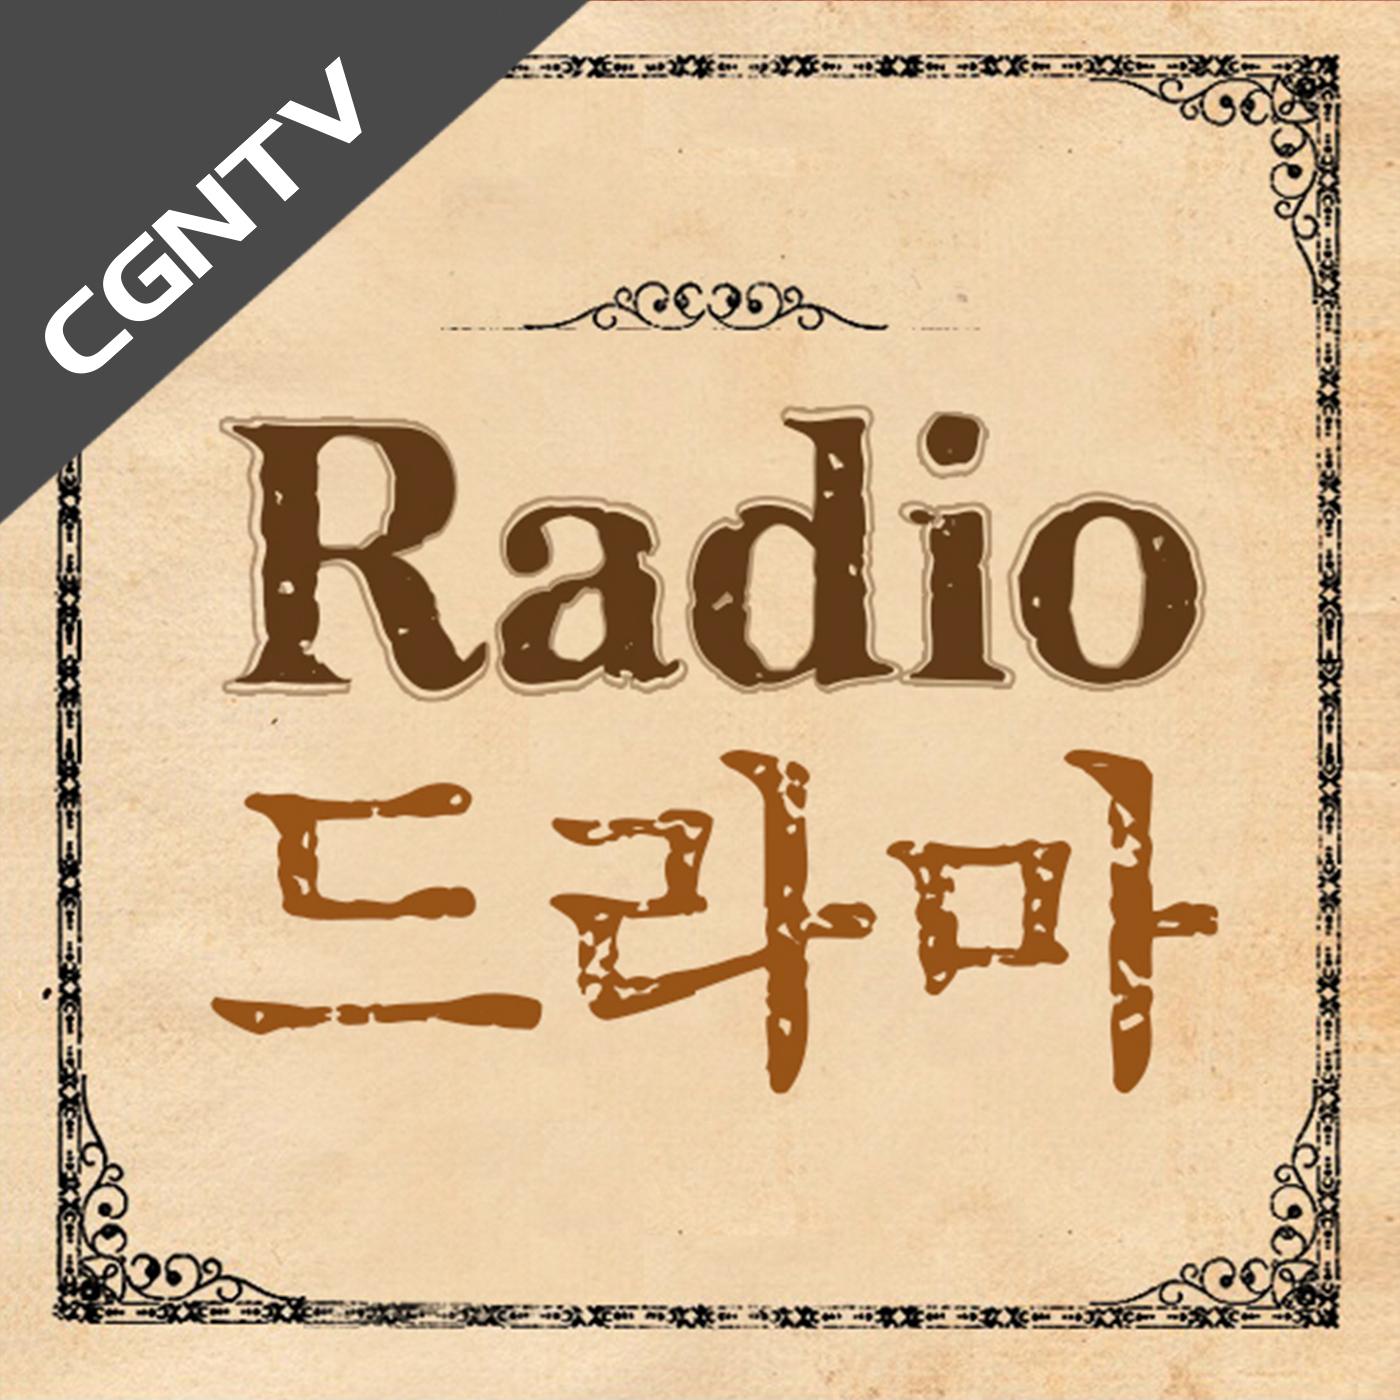 CGNTV 라디오 드라마